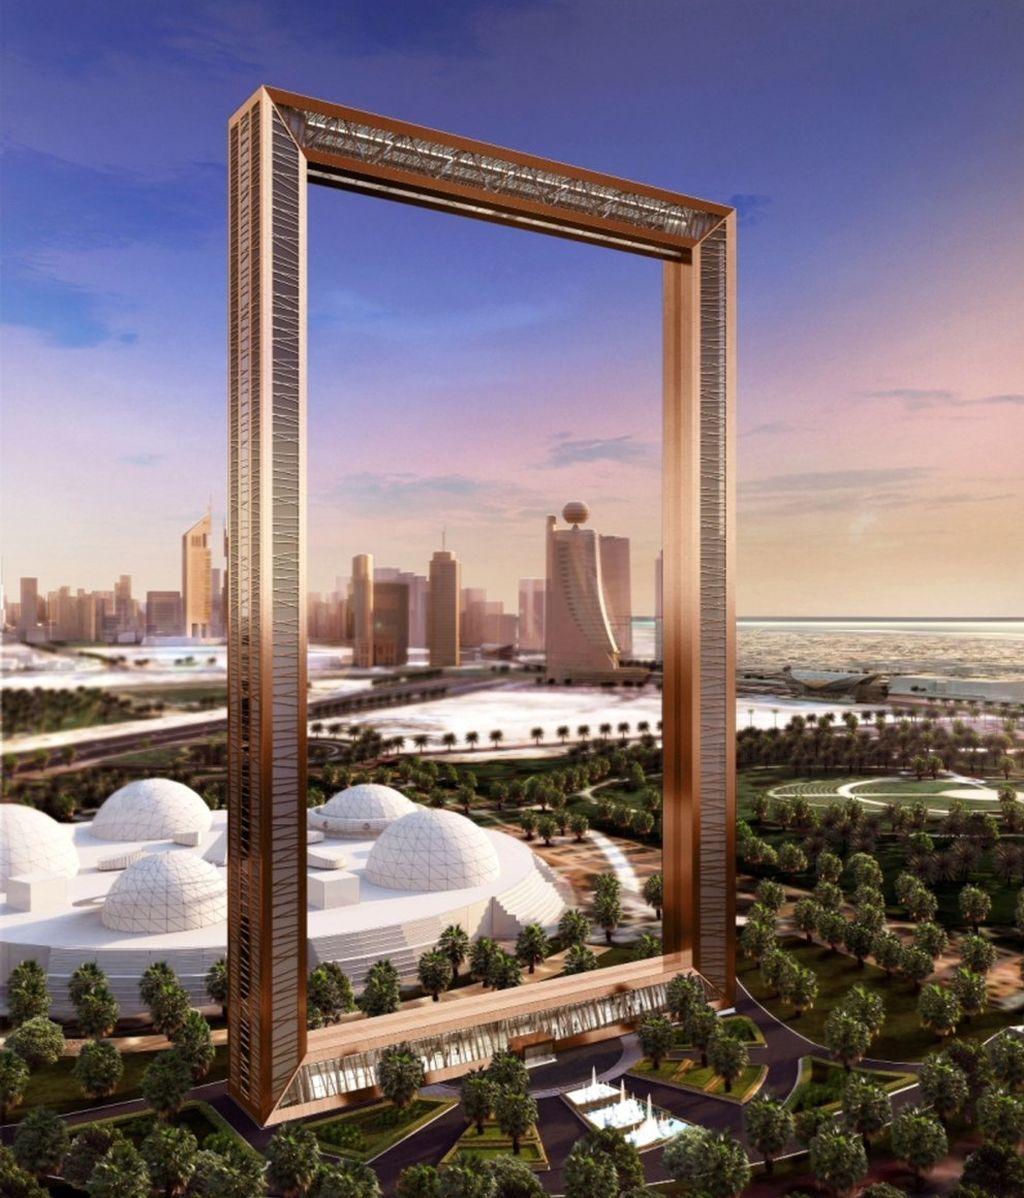 Dubái, a punto de inaugurar un rascacielos que 'enmarcará' la ciudad